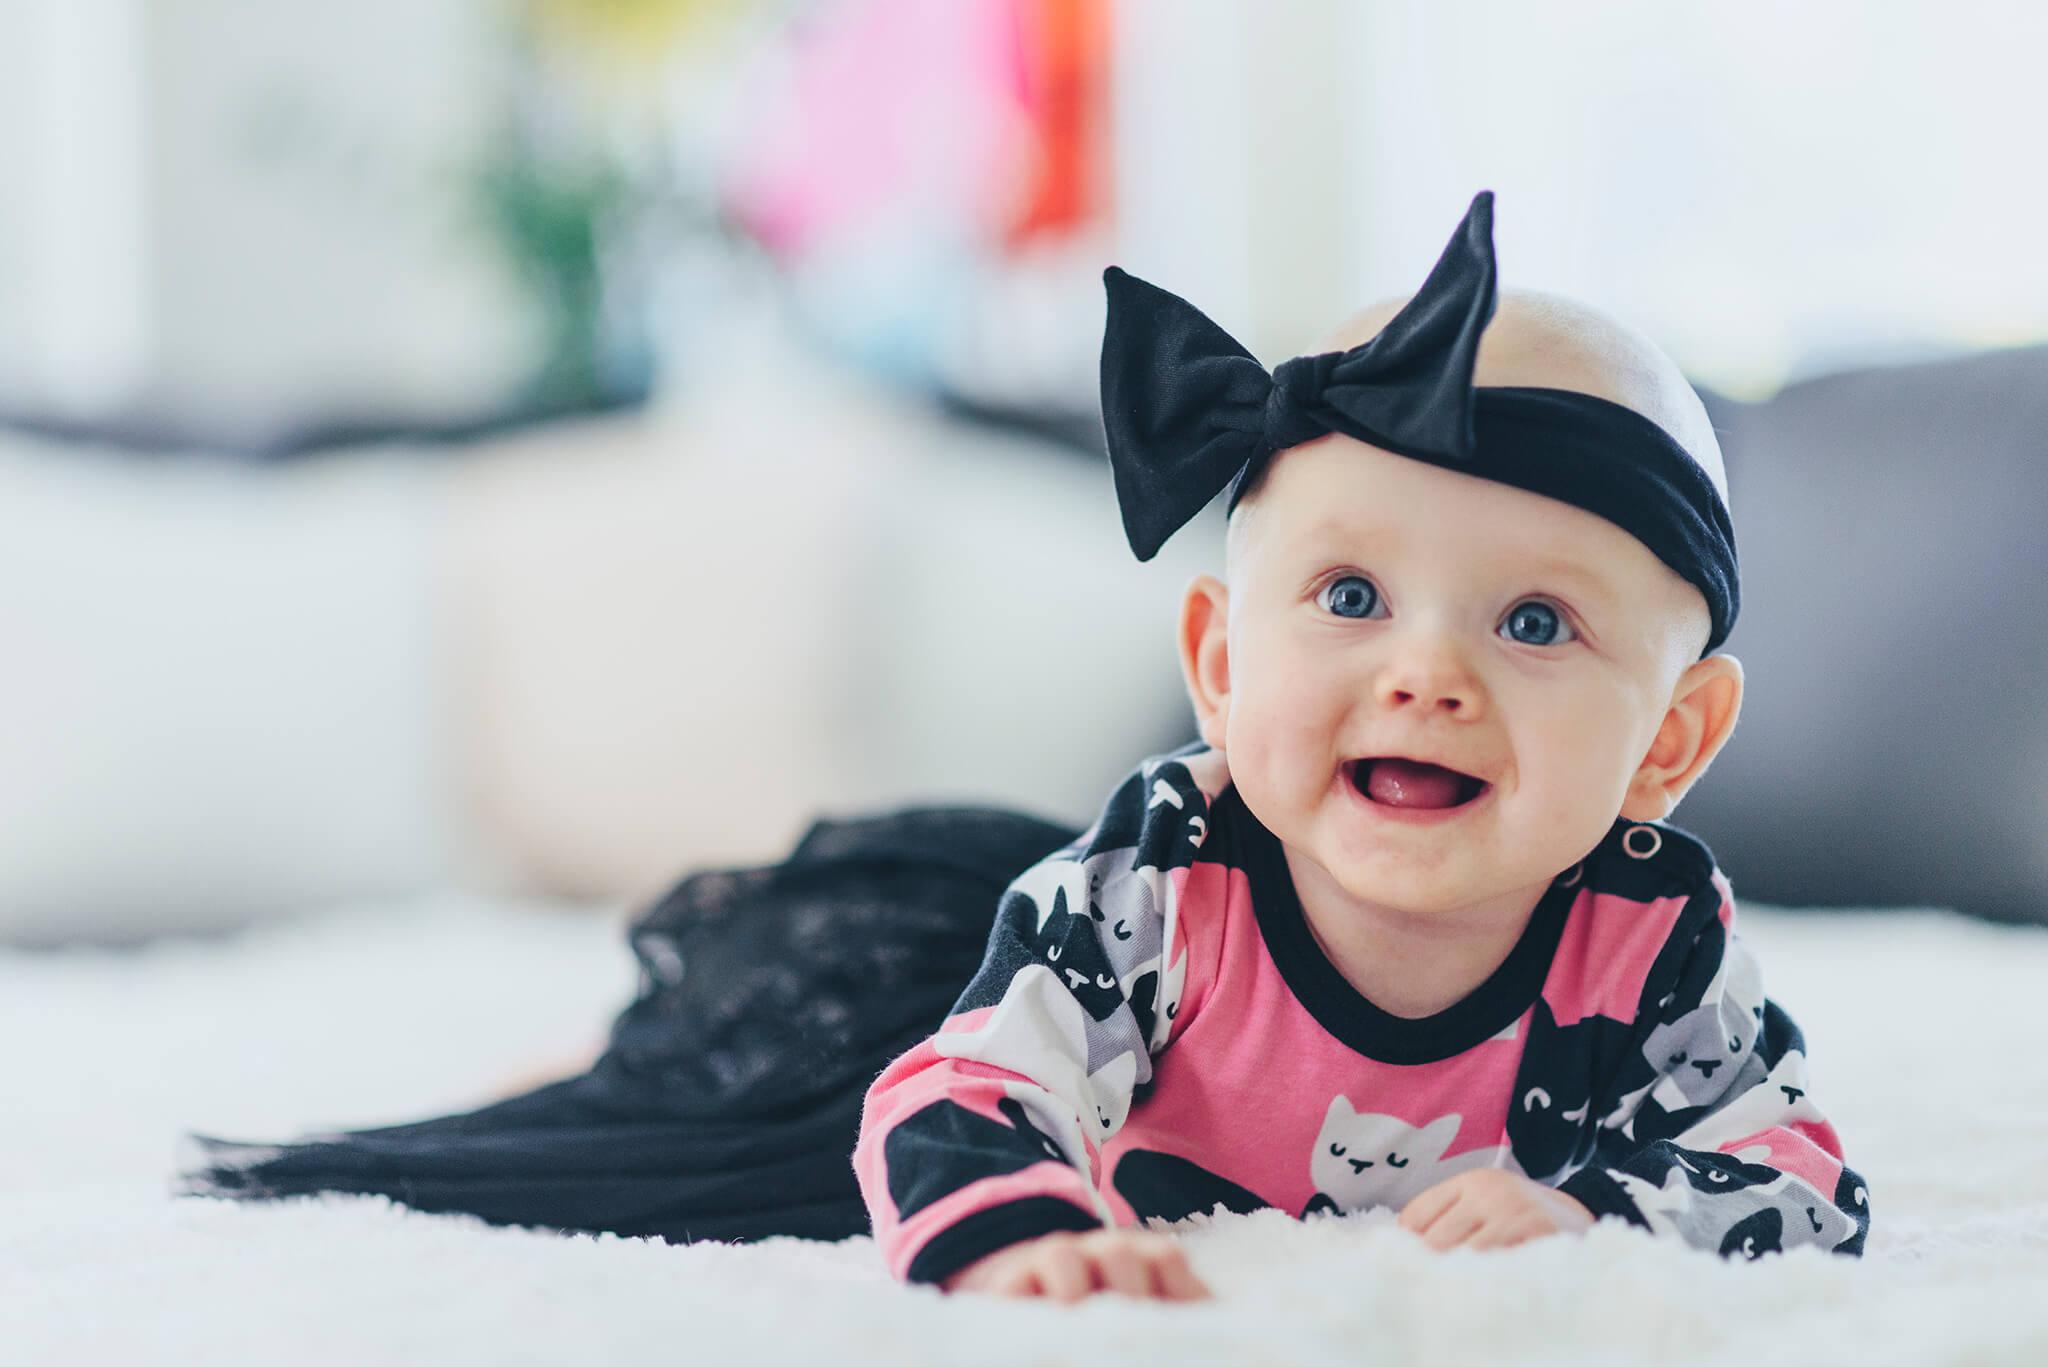 lapsikuvaus vauvakuvaus iloinen tuijotus rusetti päässä